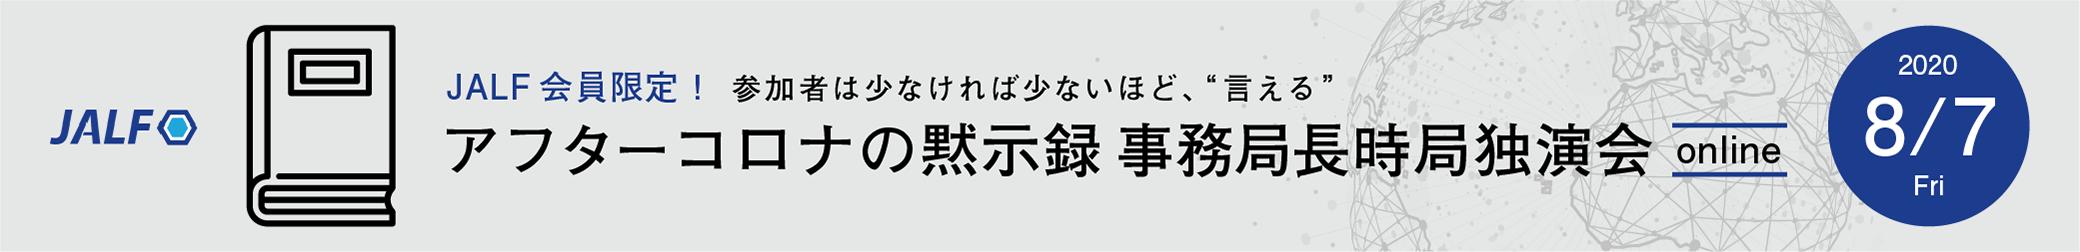 アフターコロナの黙示録 事務局長時局独演会 online